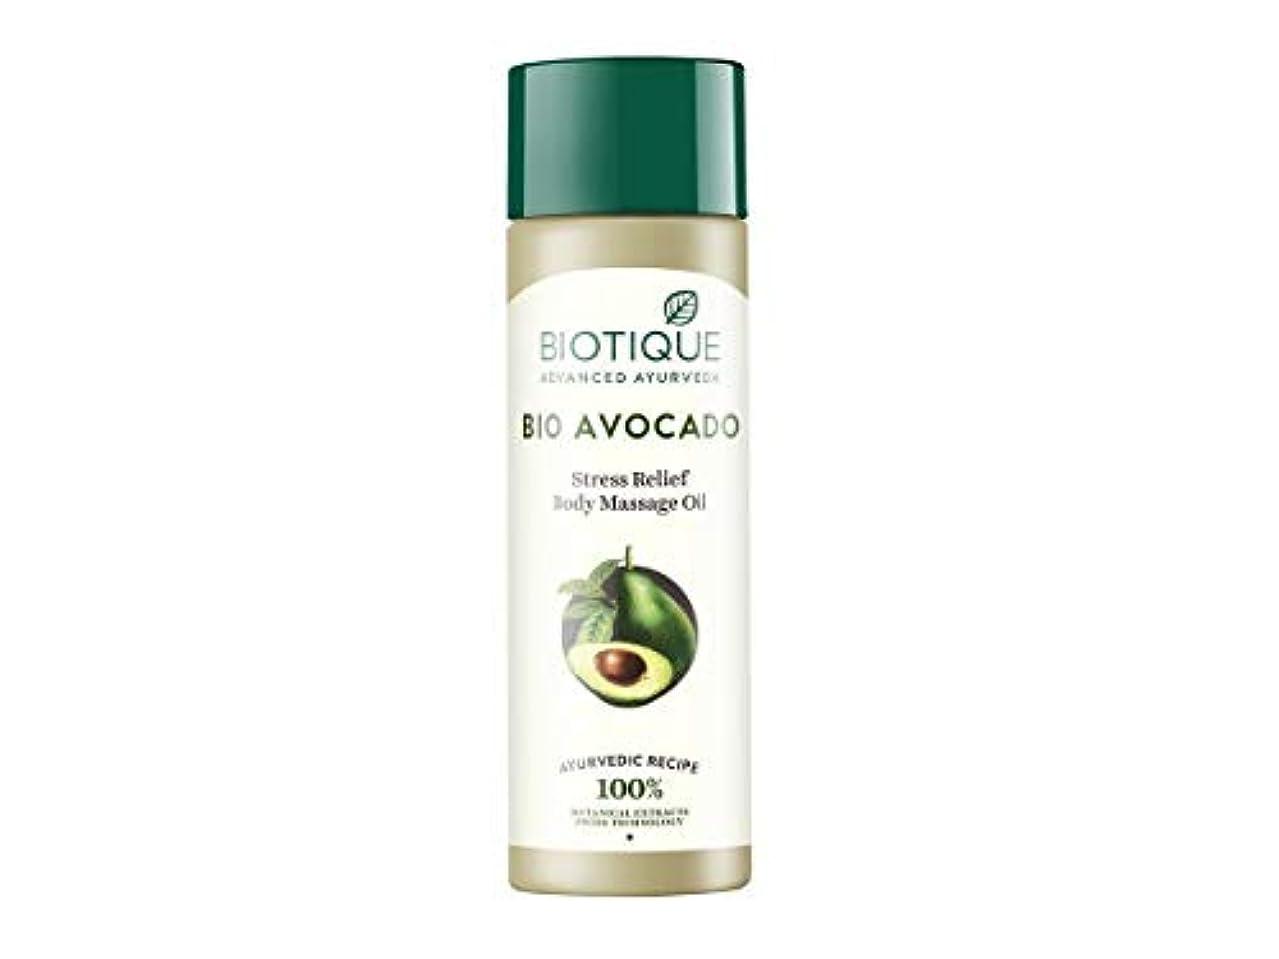 スペース安定した薄いBiotique Bio Cado Avocado Stress Relief Body Massage Oil, 200ml Relaxing oil Biotique Bio Cadoアボカドストレスリリーフボディマッサージオイル...